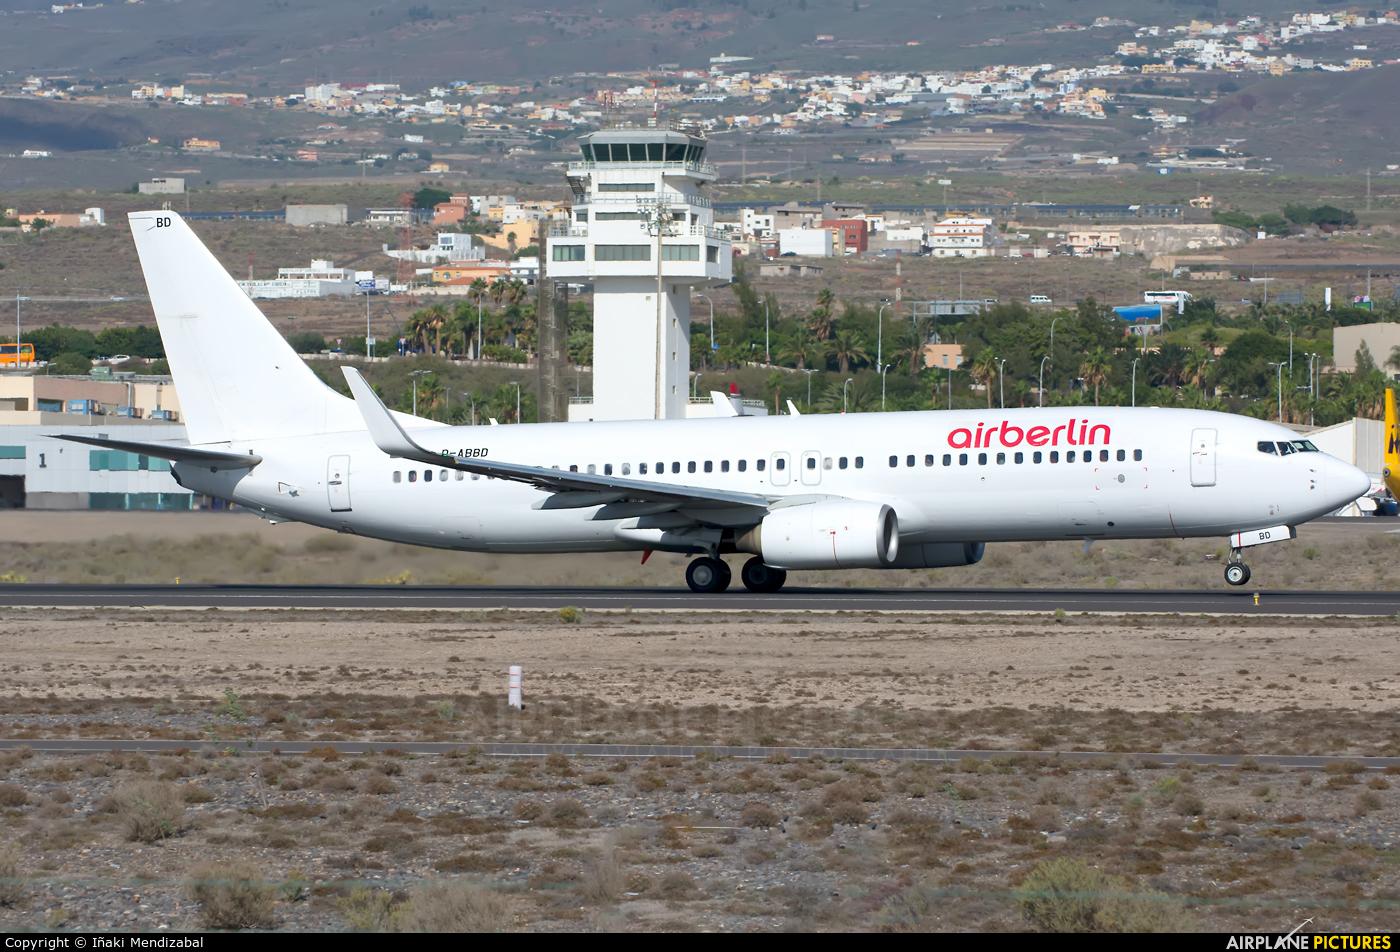 Air Berlin D-ABBD aircraft at Tenerife Sur - Reina Sofia